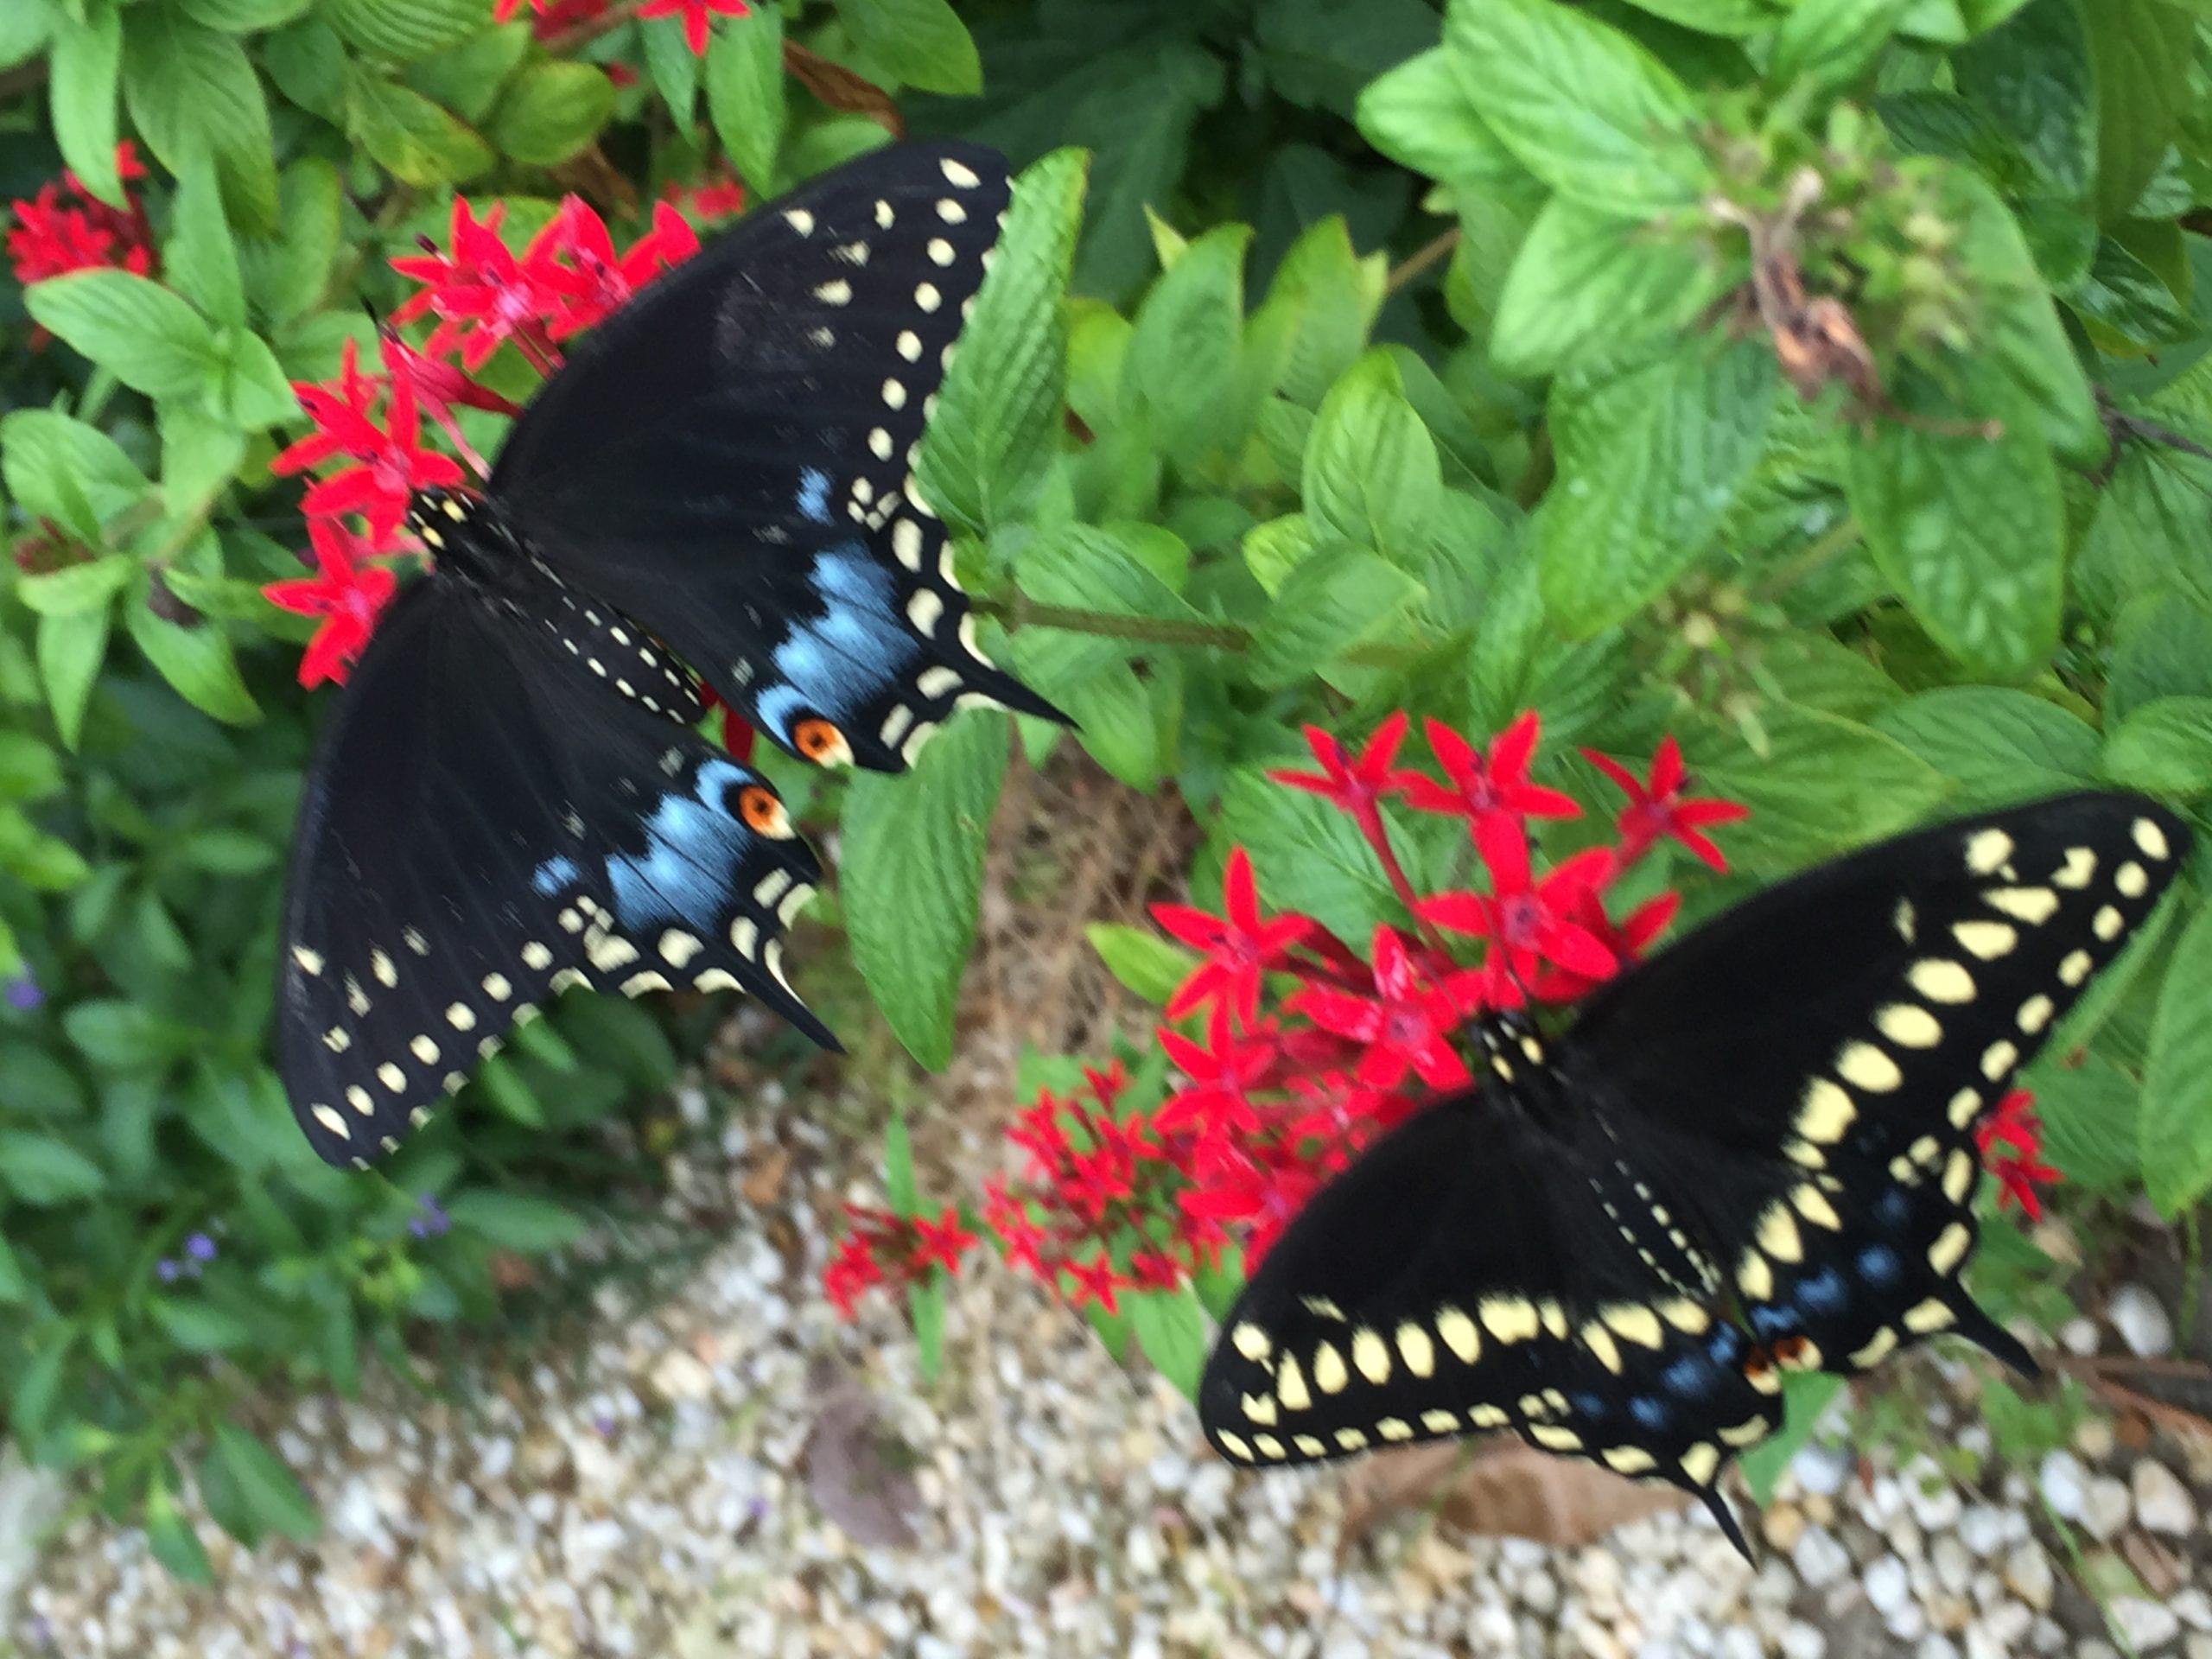 MF black swallowtail